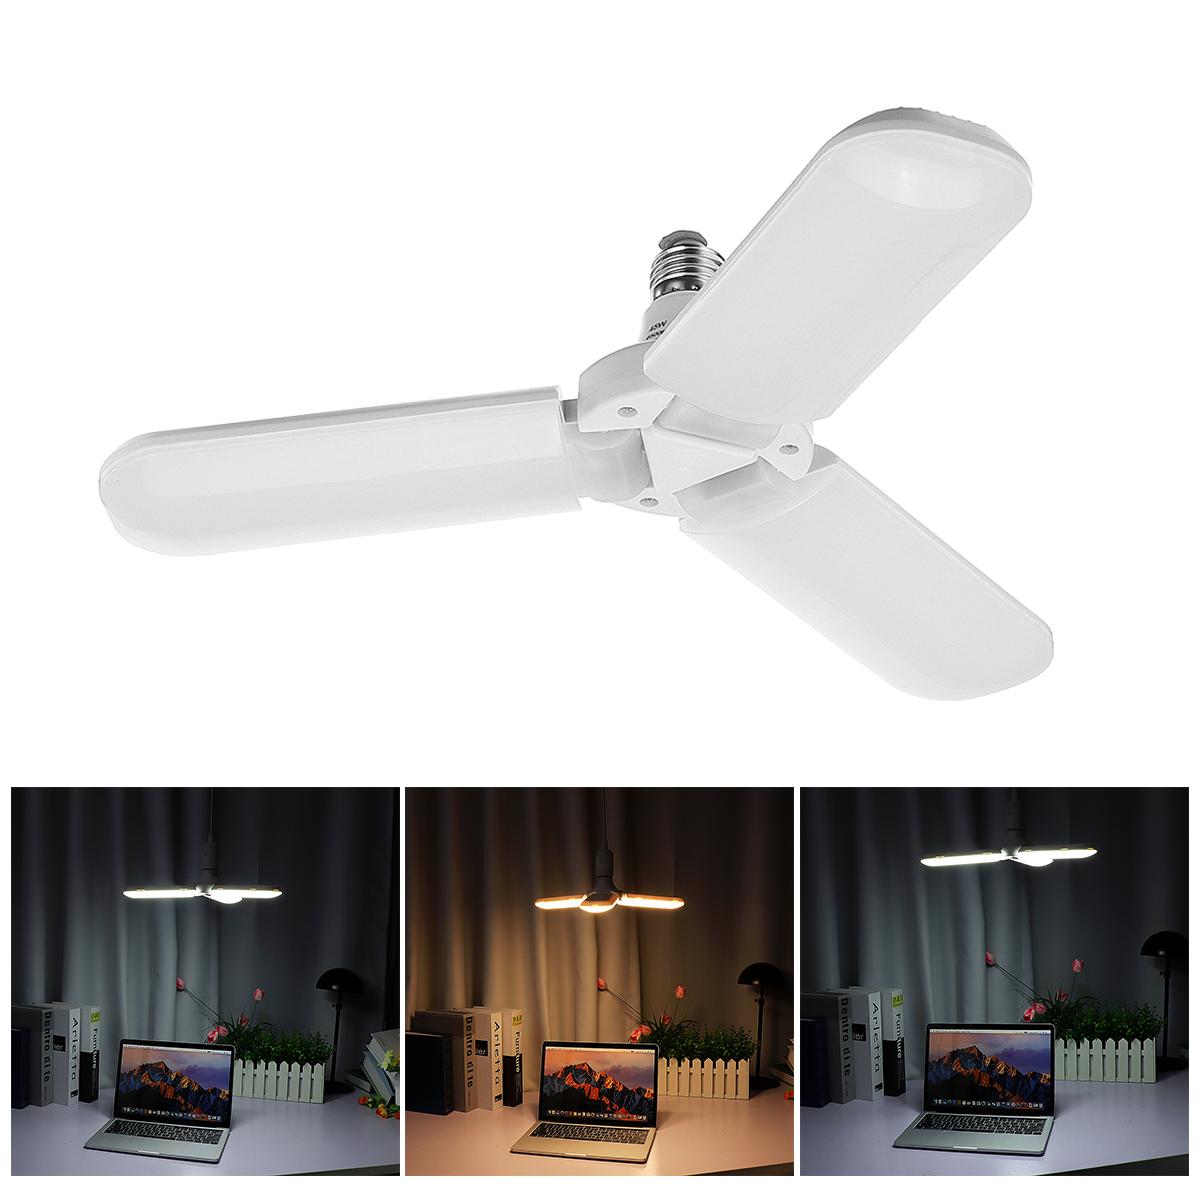 60W 95-265V 4 Blades Folding E27 Screw LED Bulb Home Pendant Lamp Decor Kits